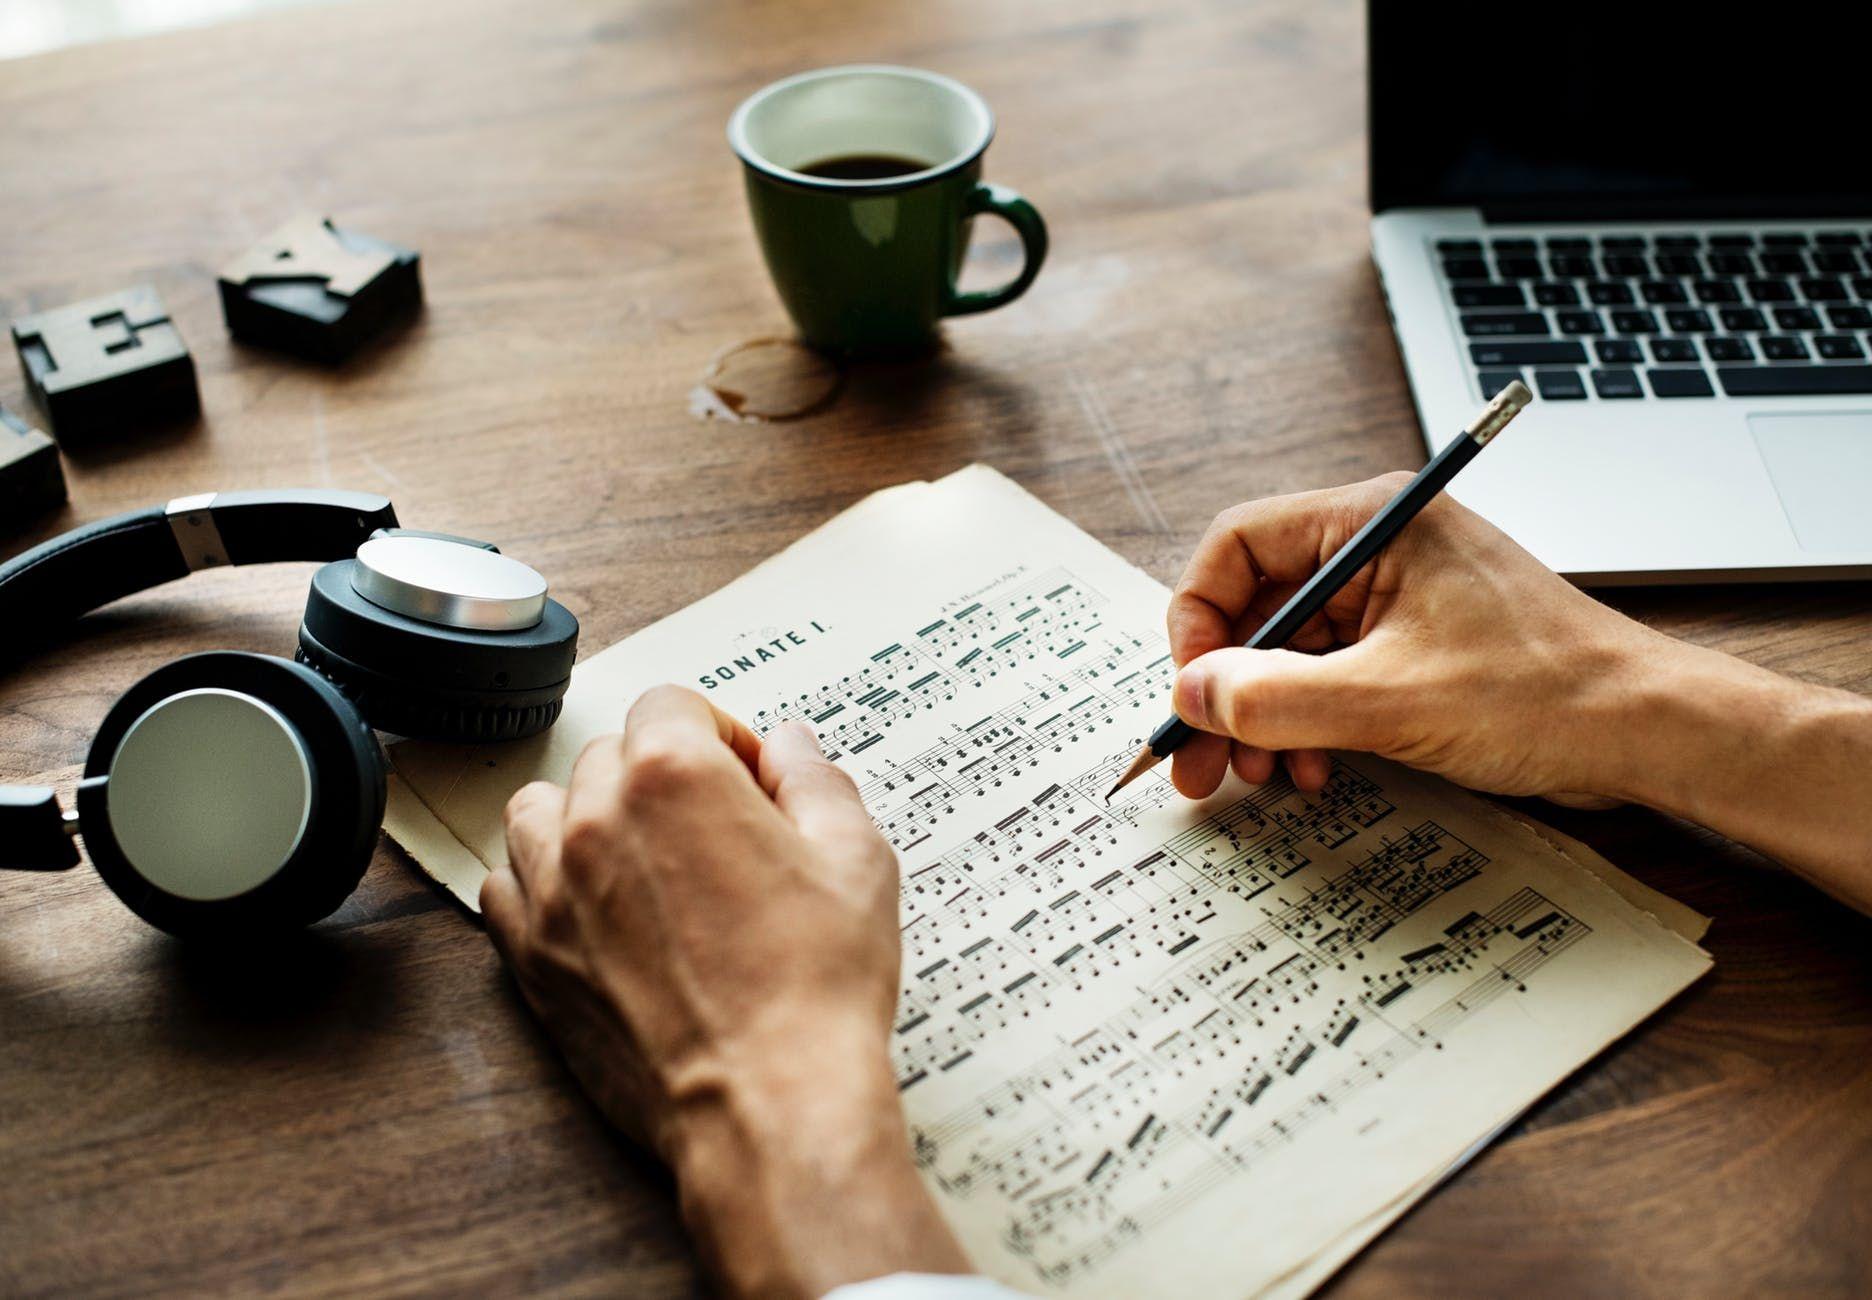 O compositor precisa saber enxergar oportunidades para inovar